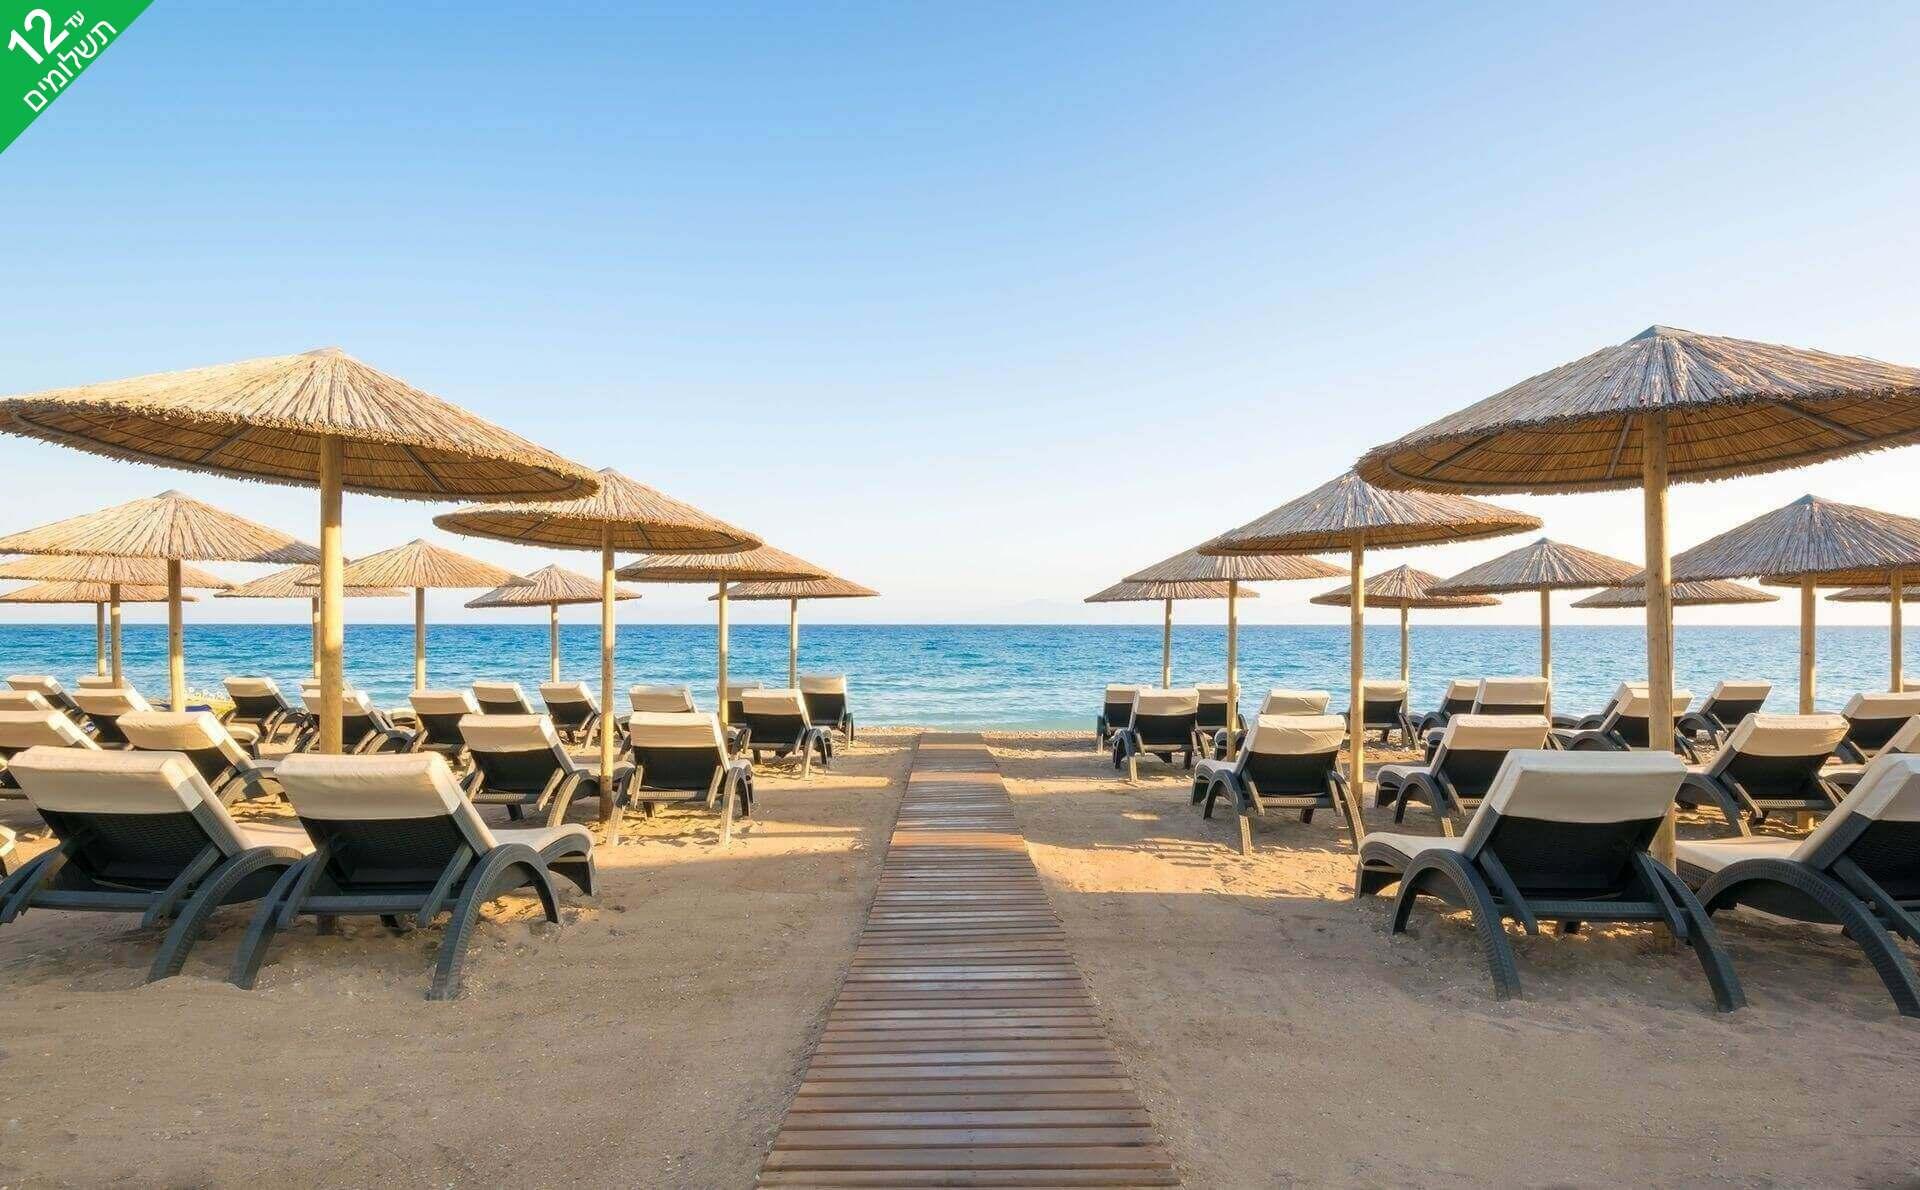 9 יוני ברודוס - שמש, חופים ומלון 5 כוכבים מומלץ